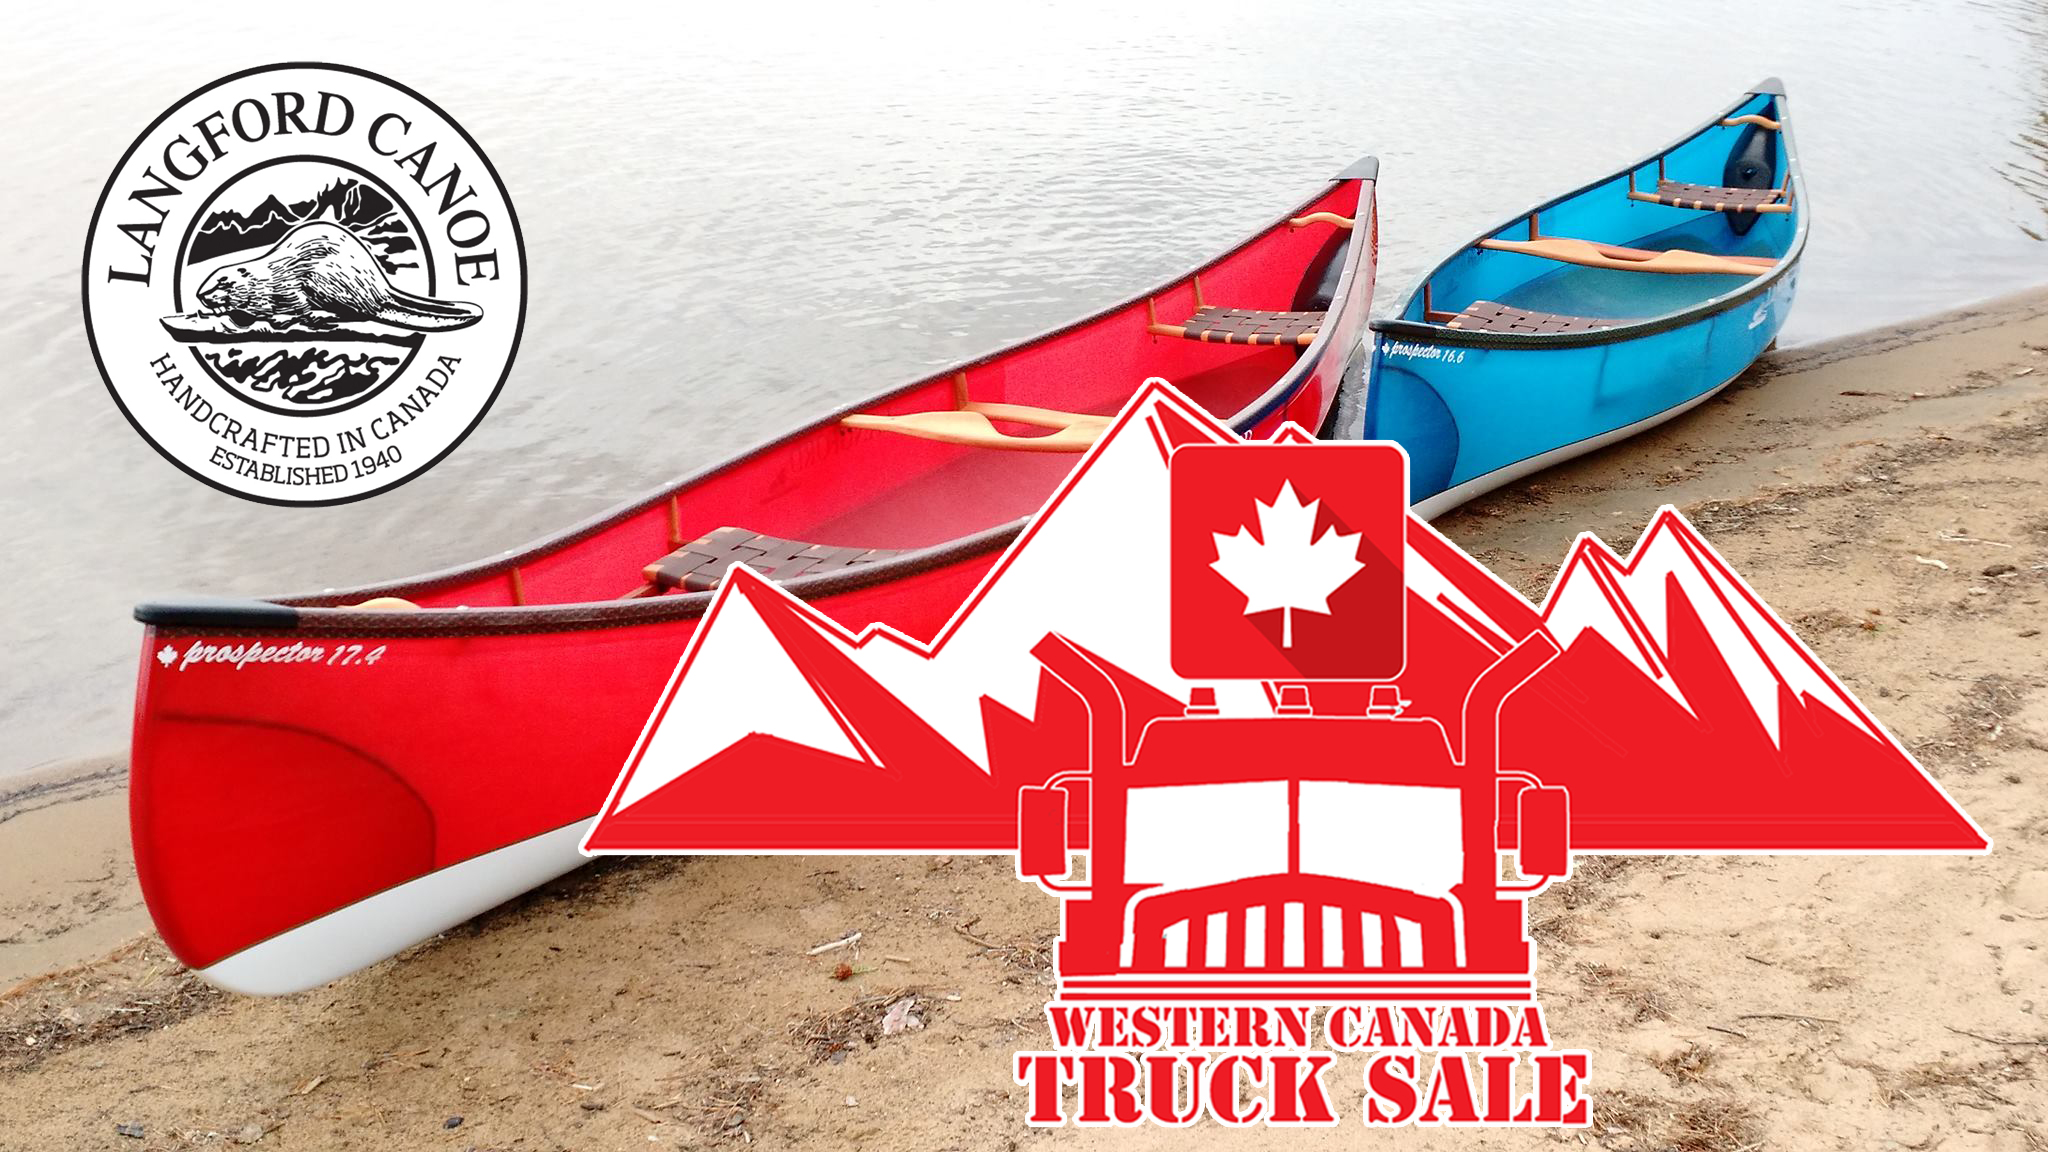 Langford Canoe British Columbia